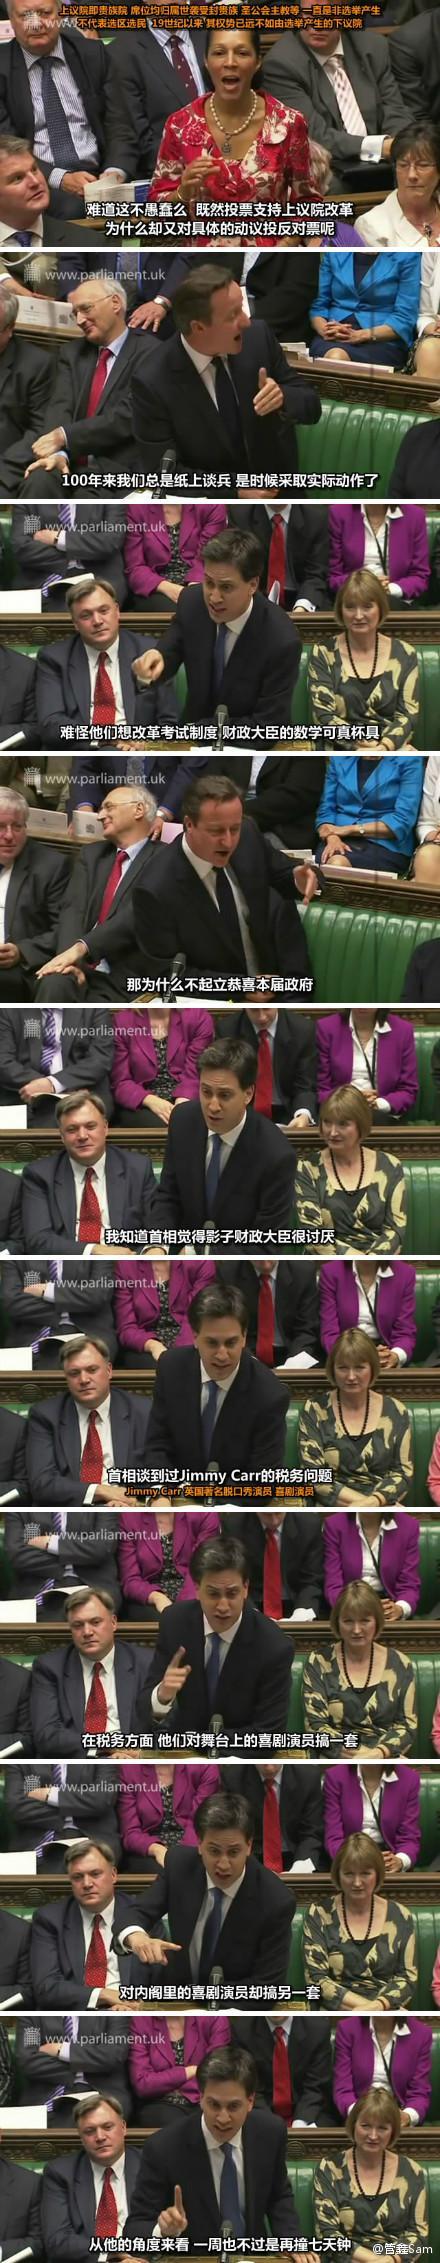 英国下议院首相问答 2012.6.27 【那些年,我们修改过的预算】